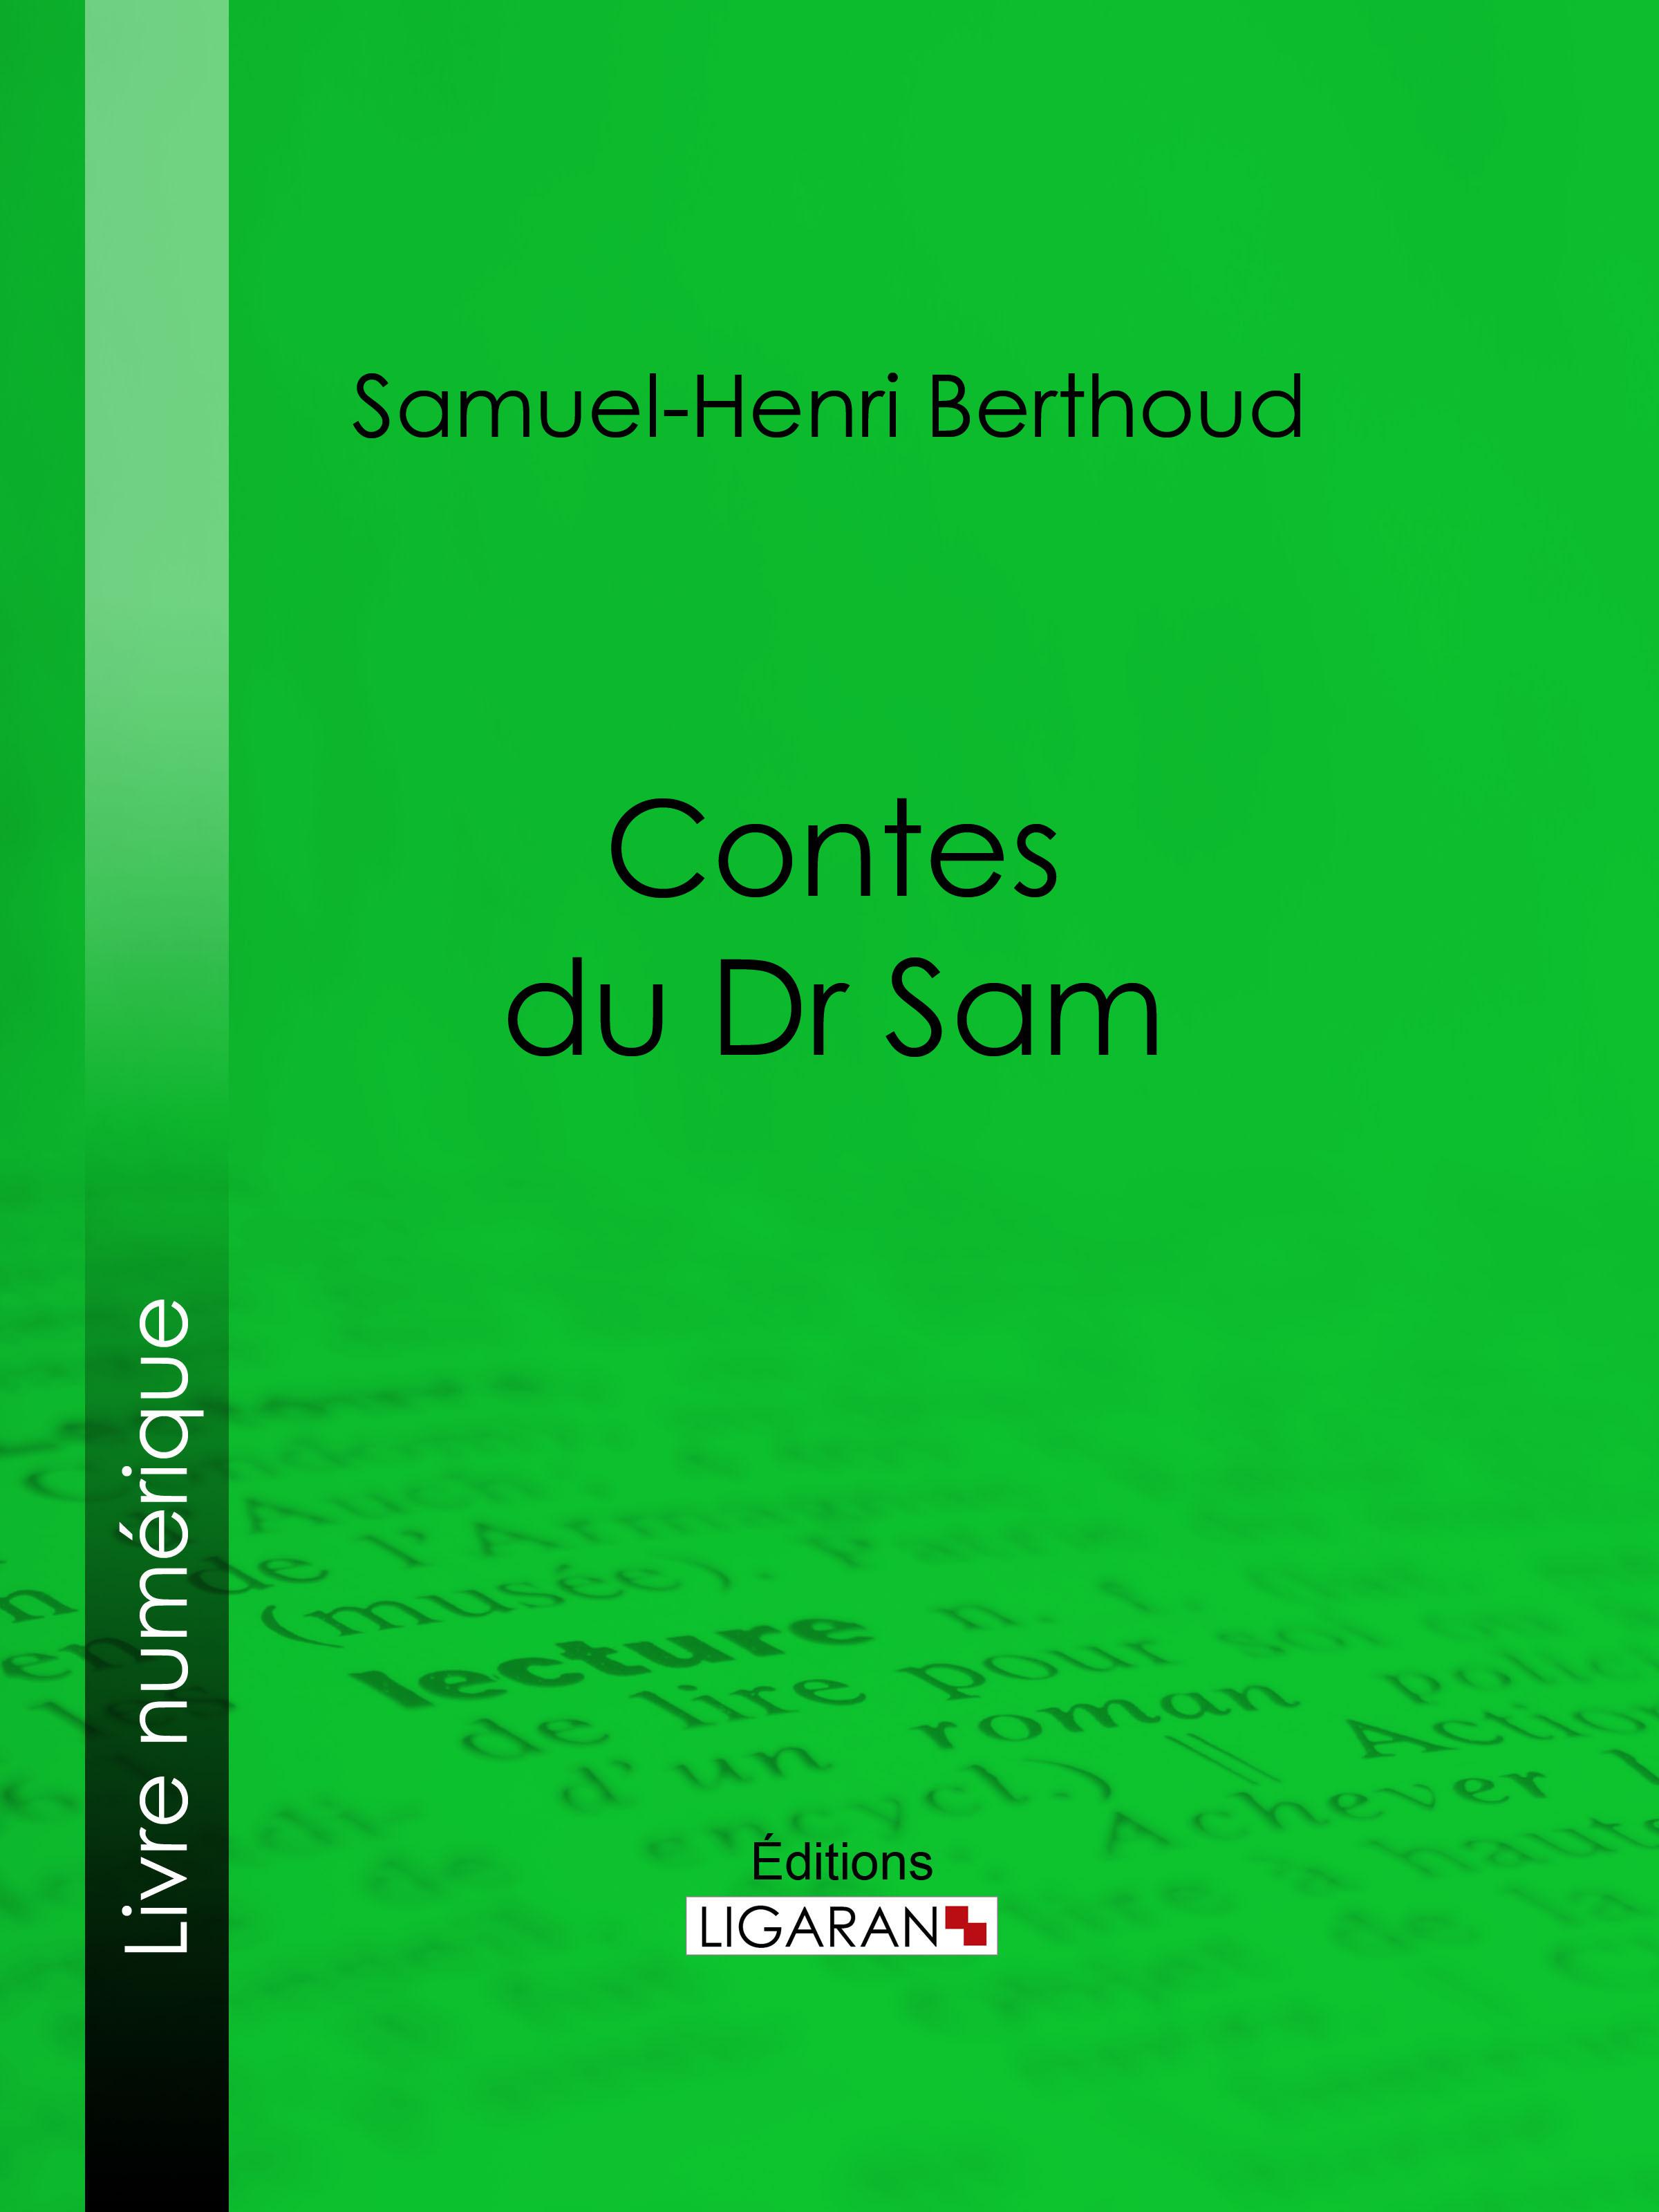 Contes du Dr Sam